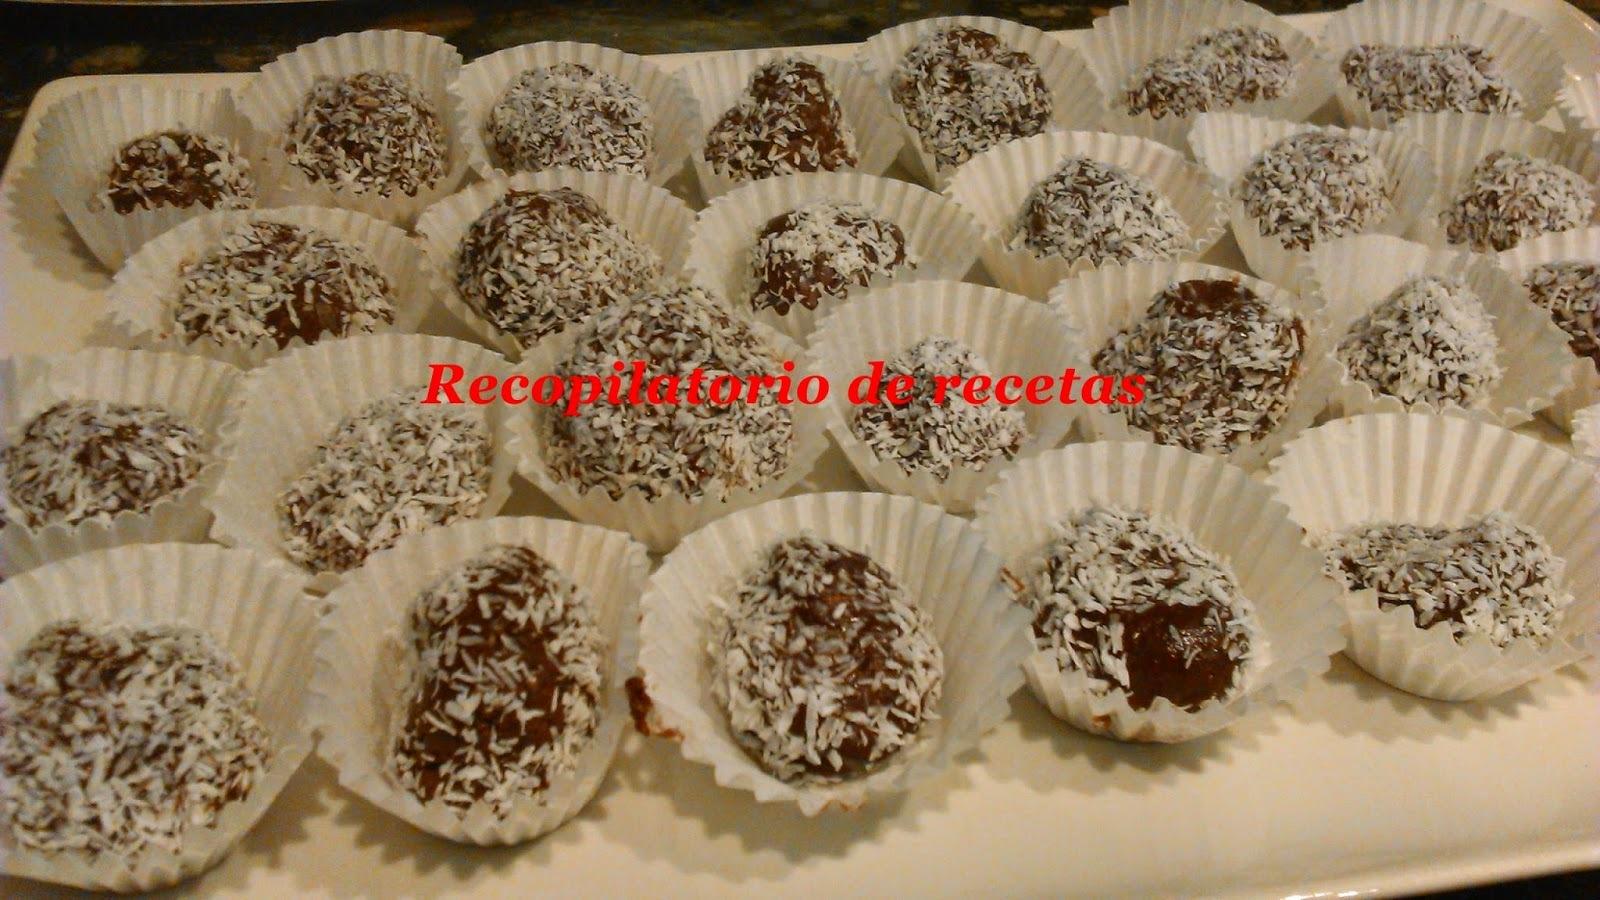 Rocas de chocolate con nueces decoradas con coco en thermomix